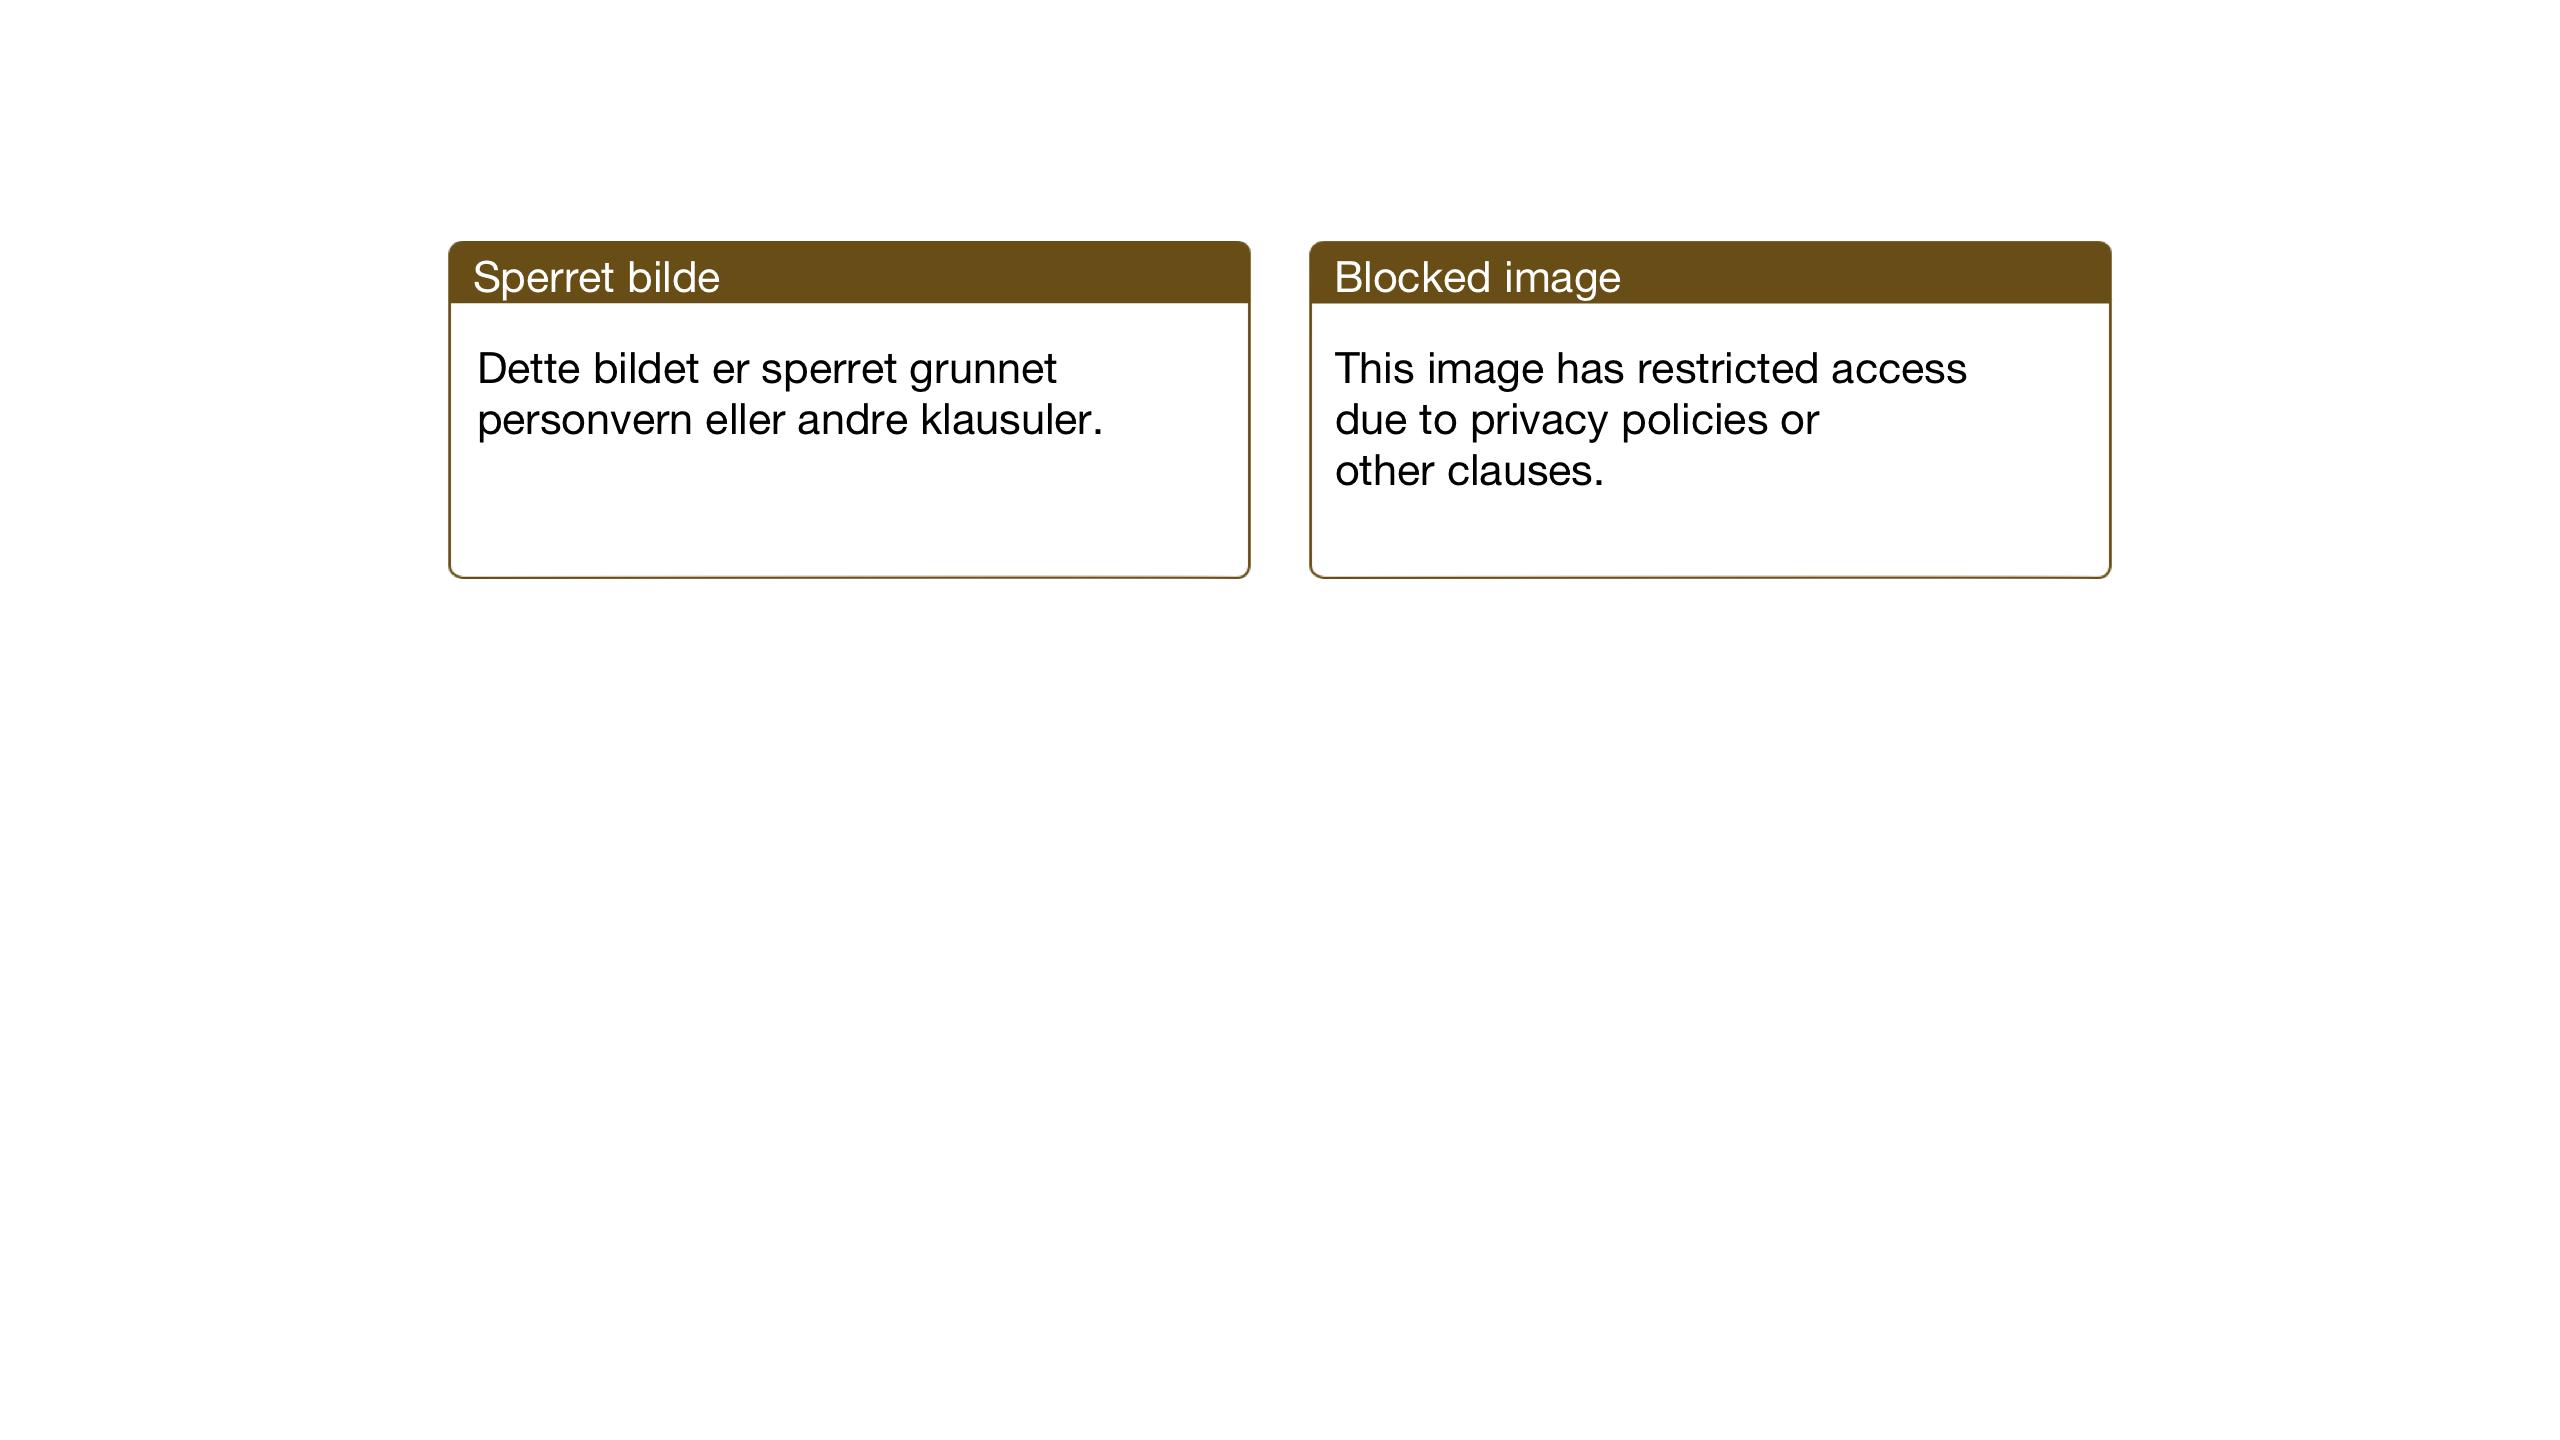 SAT, Ministerialprotokoller, klokkerbøker og fødselsregistre - Nord-Trøndelag, 739/L0377: Klokkerbok nr. 739C05, 1940-1947, s. 50